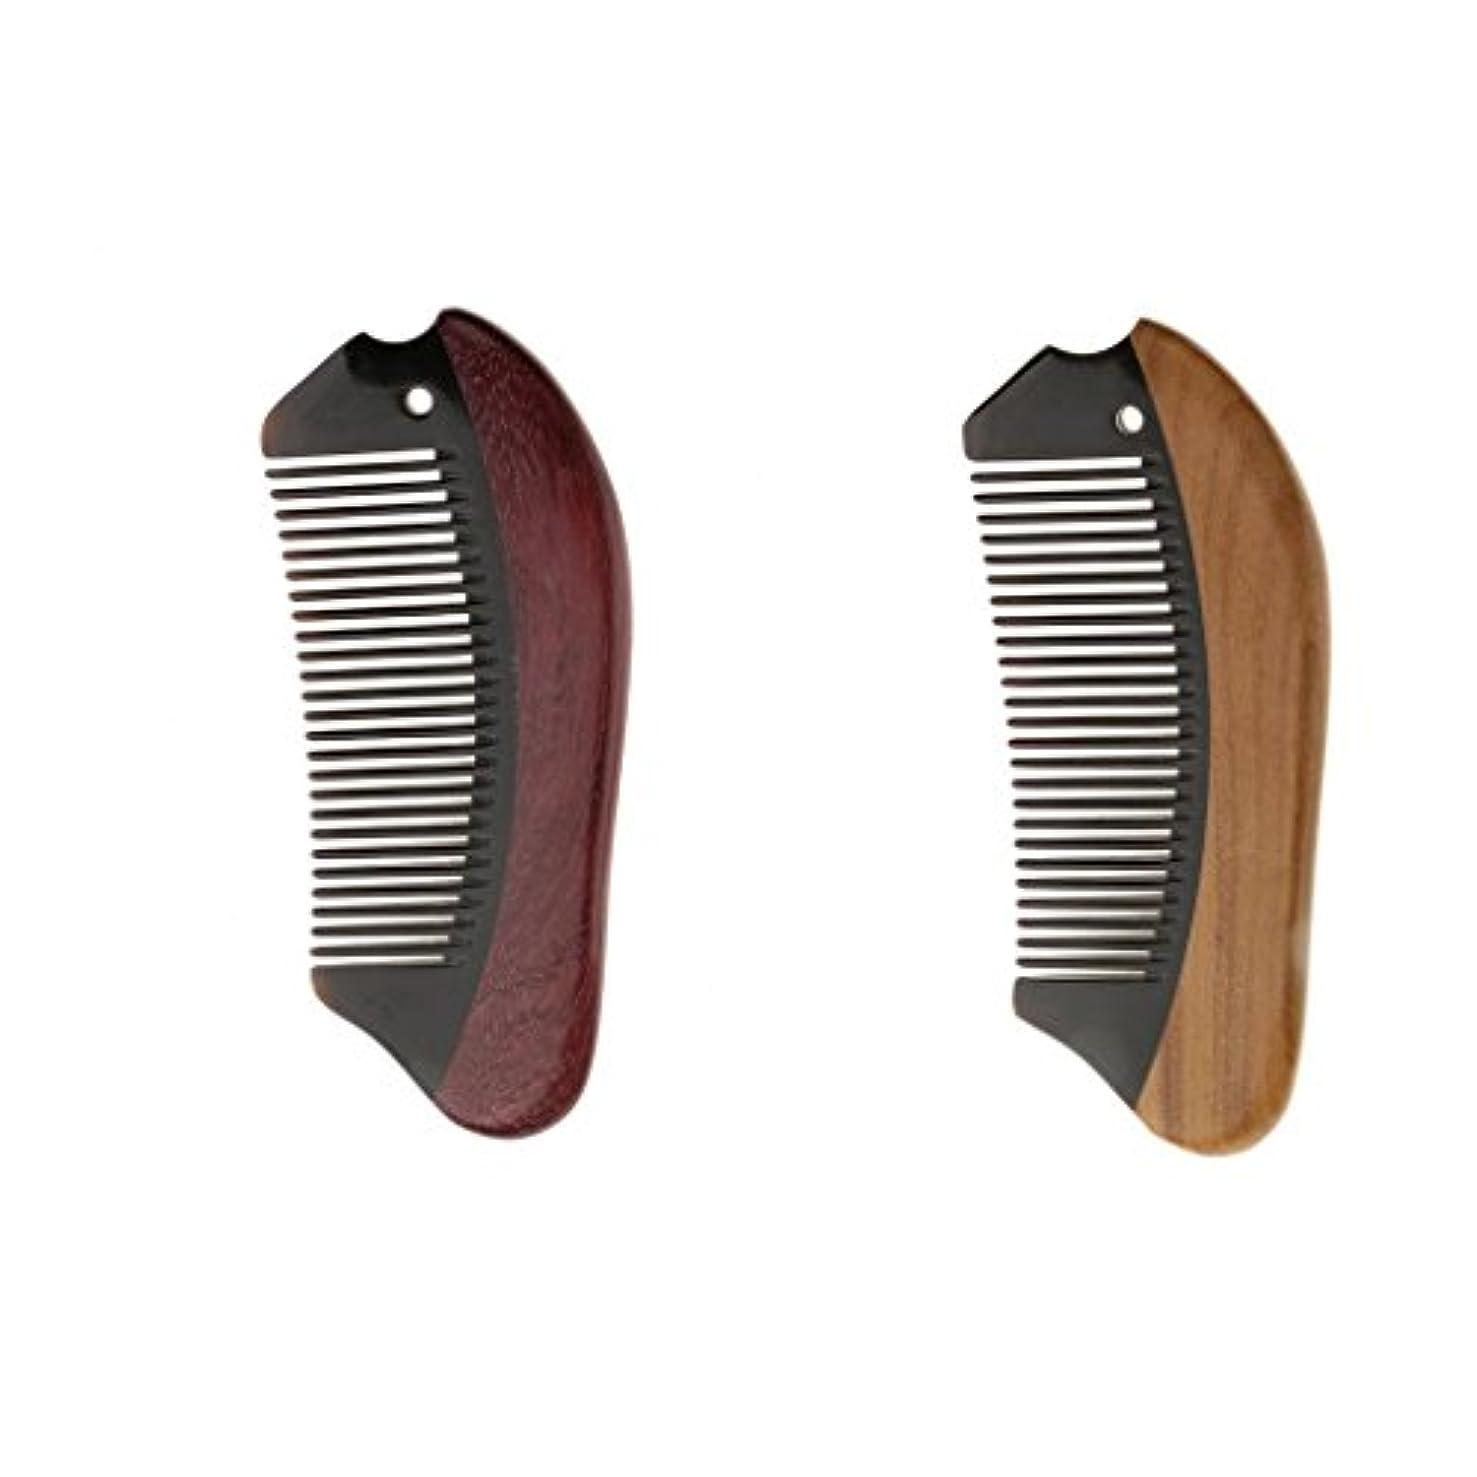 ハッピーバーベキュー信じられないHomyl 2個 木製 櫛 コーム 静電気防止 マッサージ 高品質 プレゼント 滑らか 快適